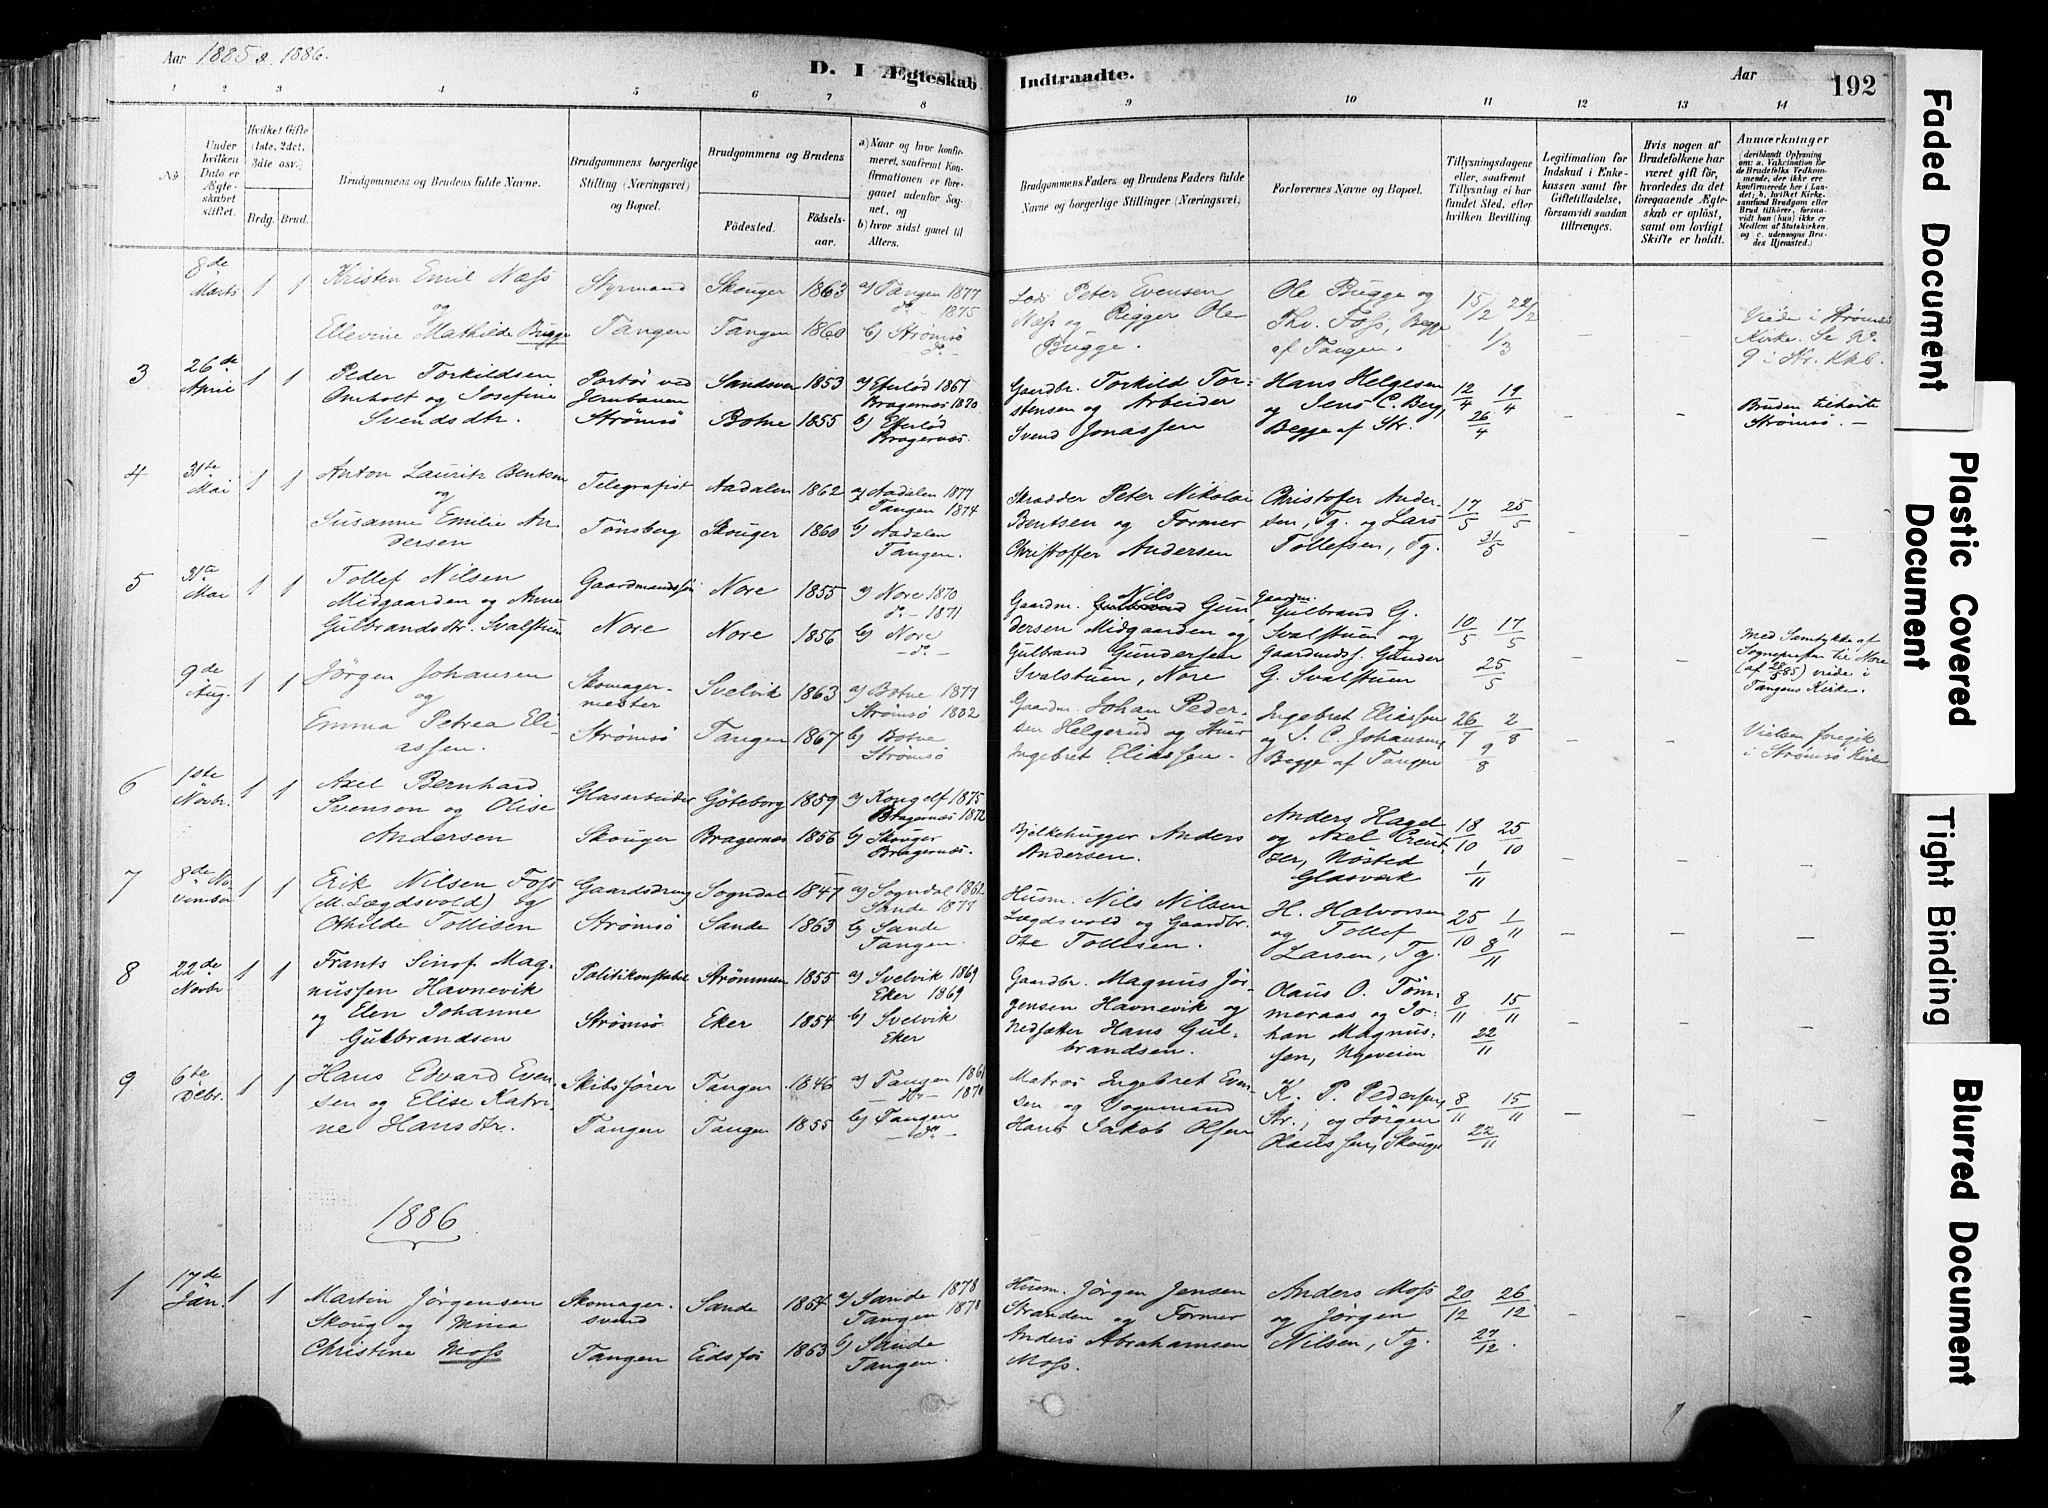 SAKO, Strømsø kirkebøker, F/Fb/L0006: Ministerialbok nr. II 6, 1879-1910, s. 192